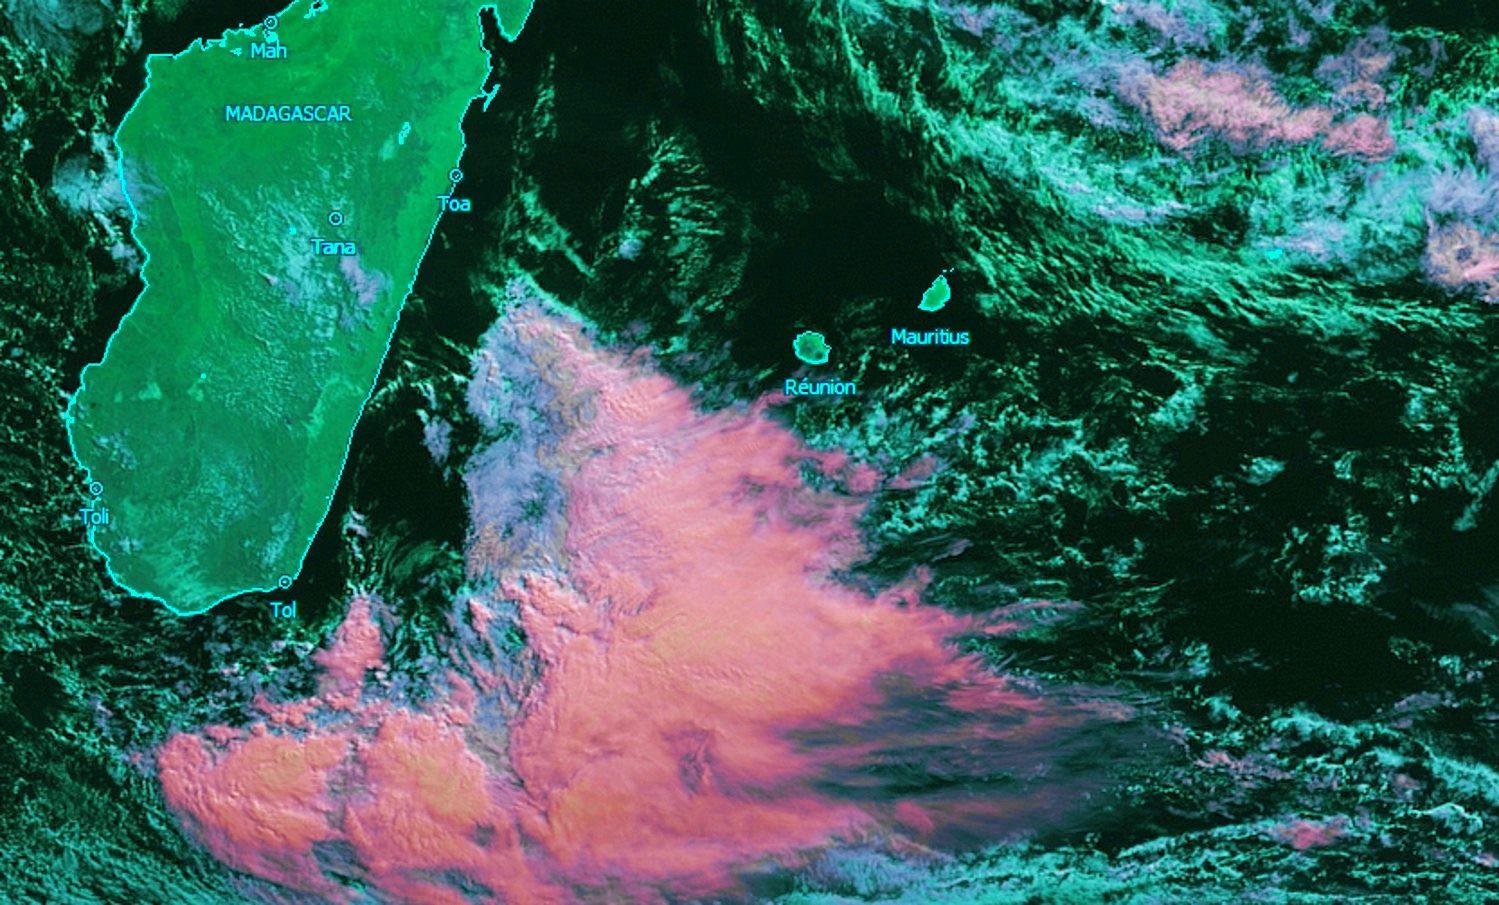 Image satellite: Météosat à 10heures. La REUNION et MAURICE sont dans une zone de beau temps avec de l'instabilité au nord-est et une zone dépressionnaire au sud-est de MADA. Crédit image: KOBUS